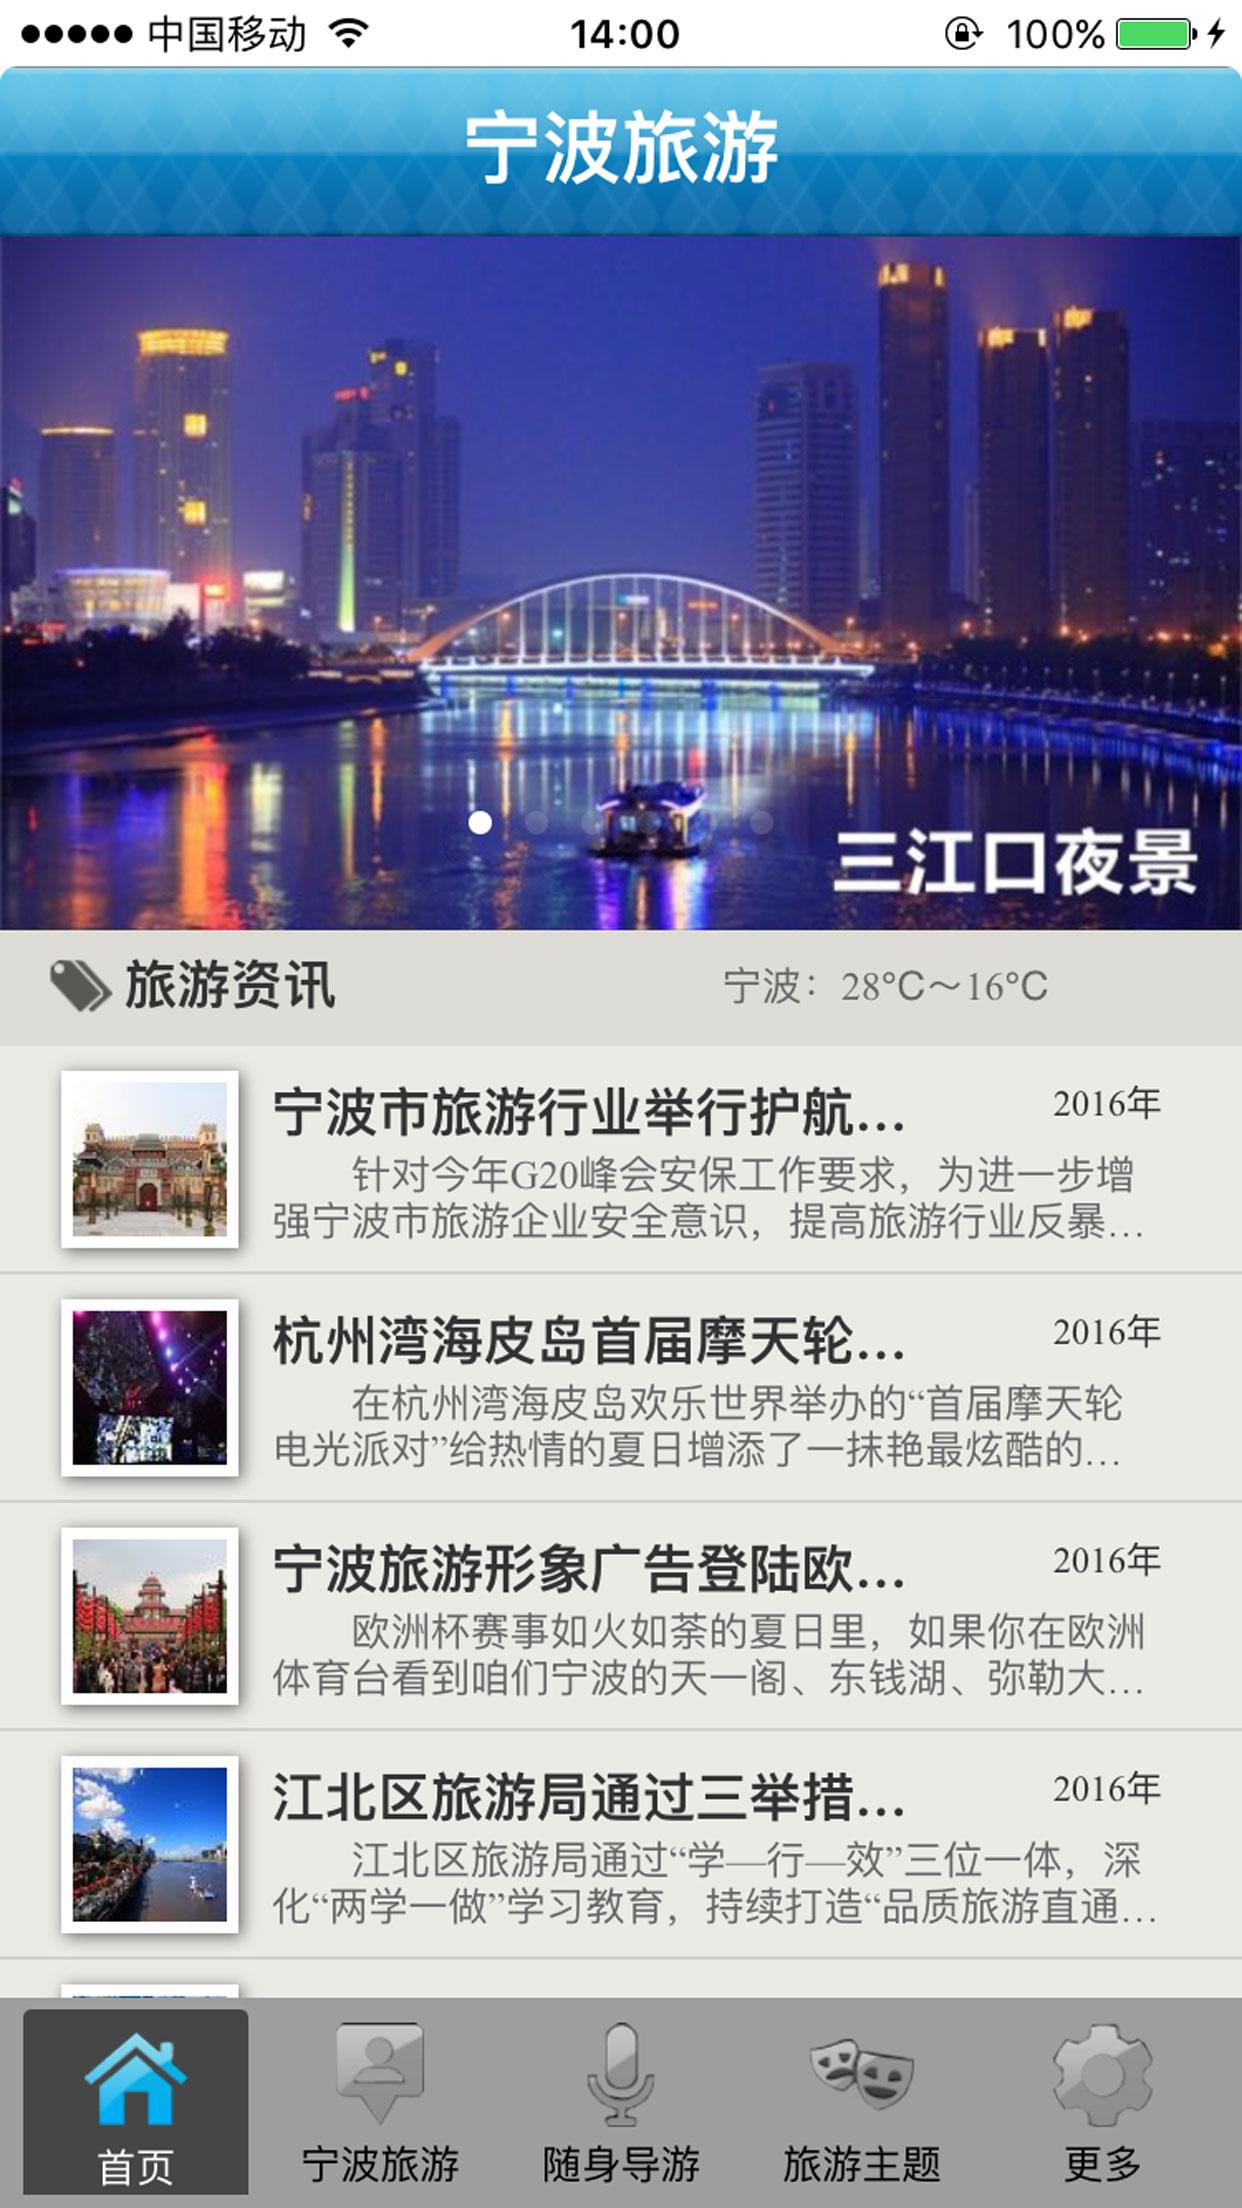 宁波旅游-应用截图